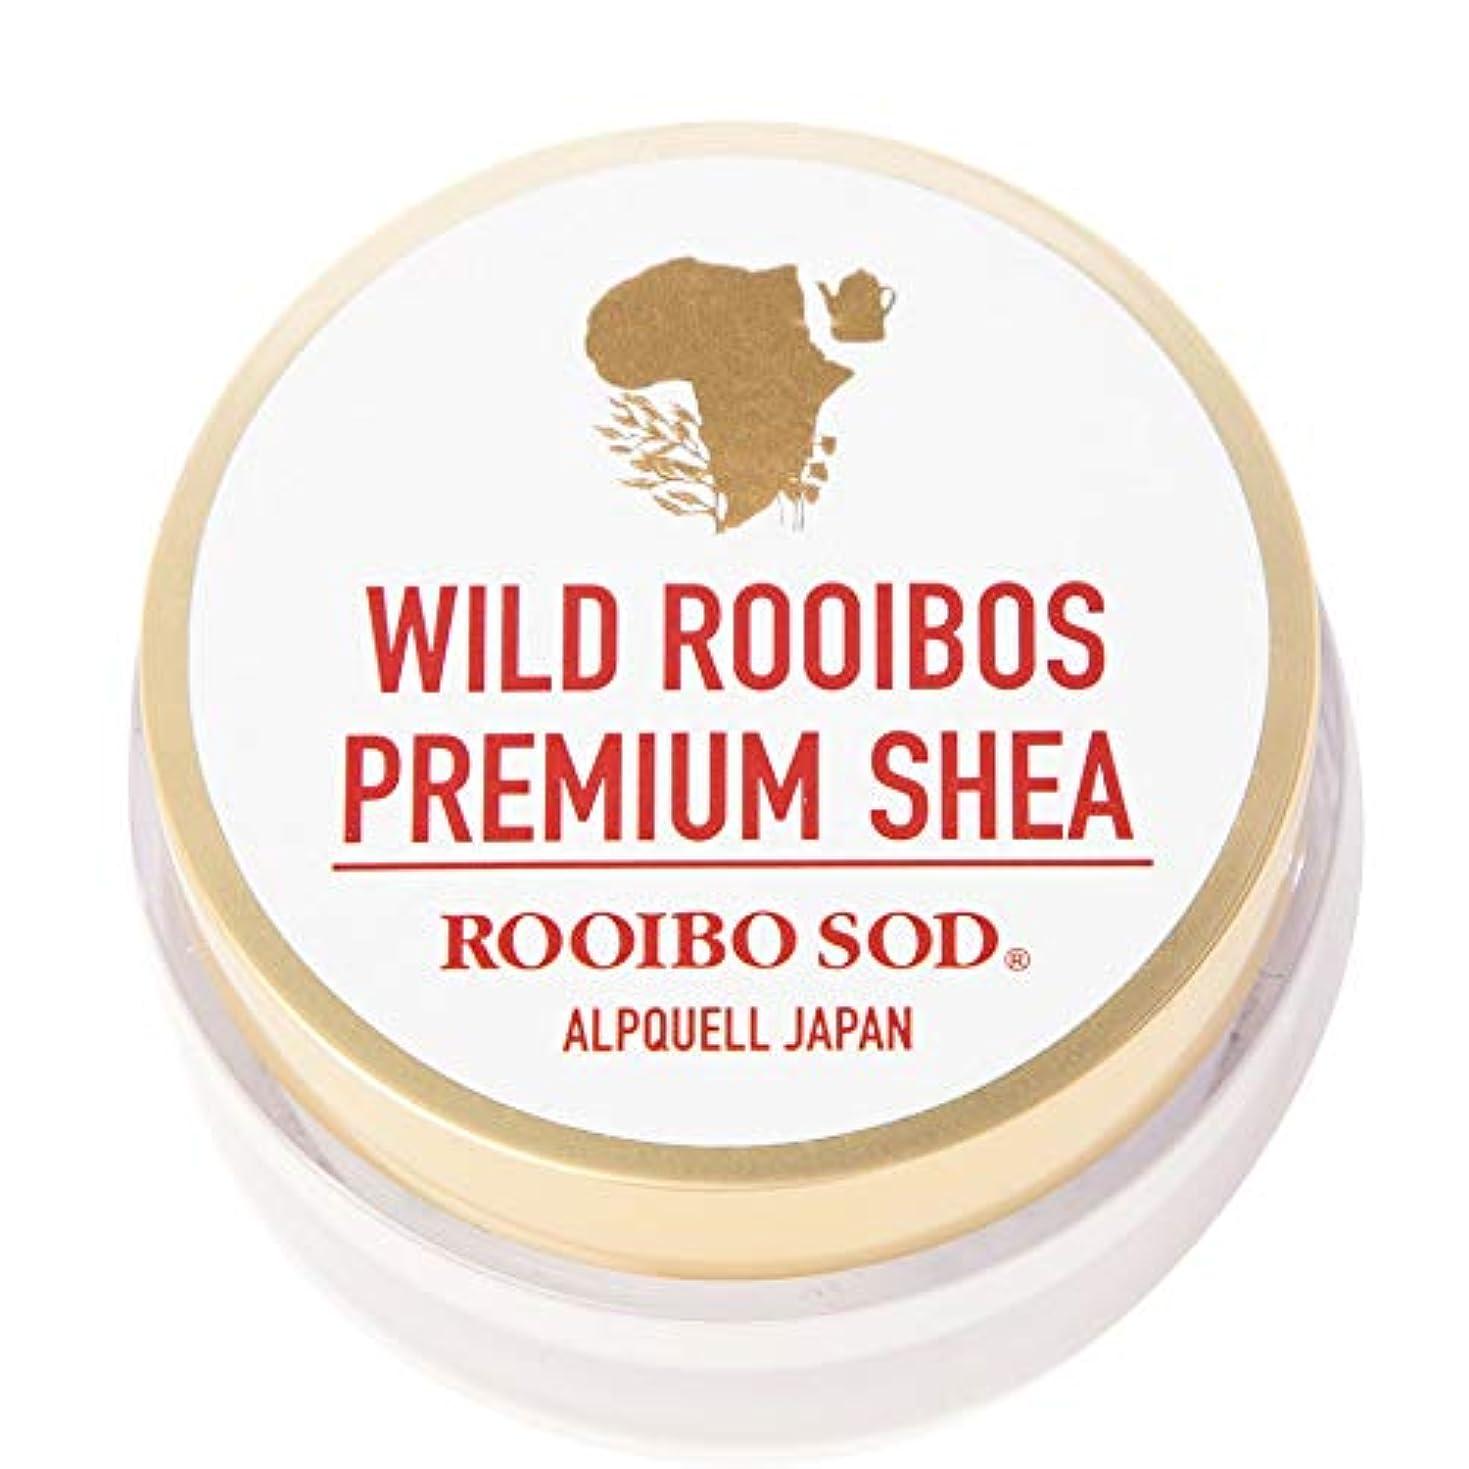 スペードキリン祖先ROOIBO SOD ルイボソード プレミアムシアクリーム シア脂 ルイボスエキス配合 無添加、天然成分100%